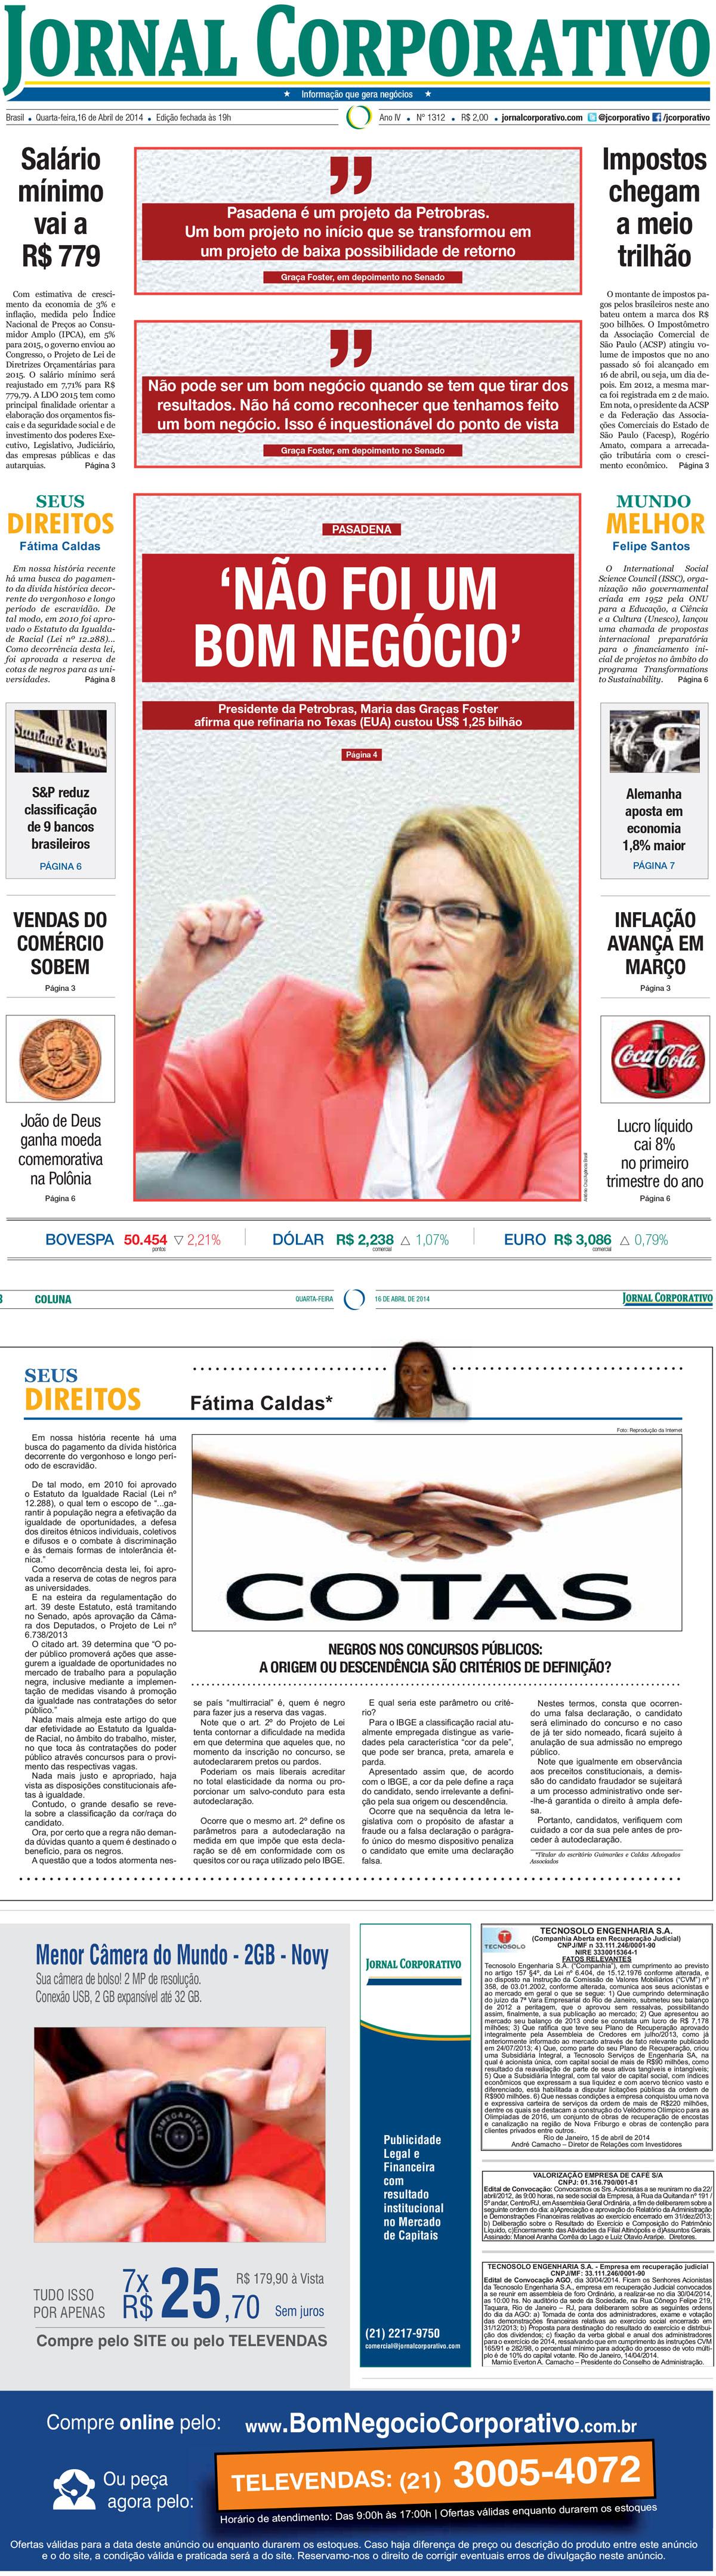 Jornal-Corporativo-Fatima-Cota-para-negros